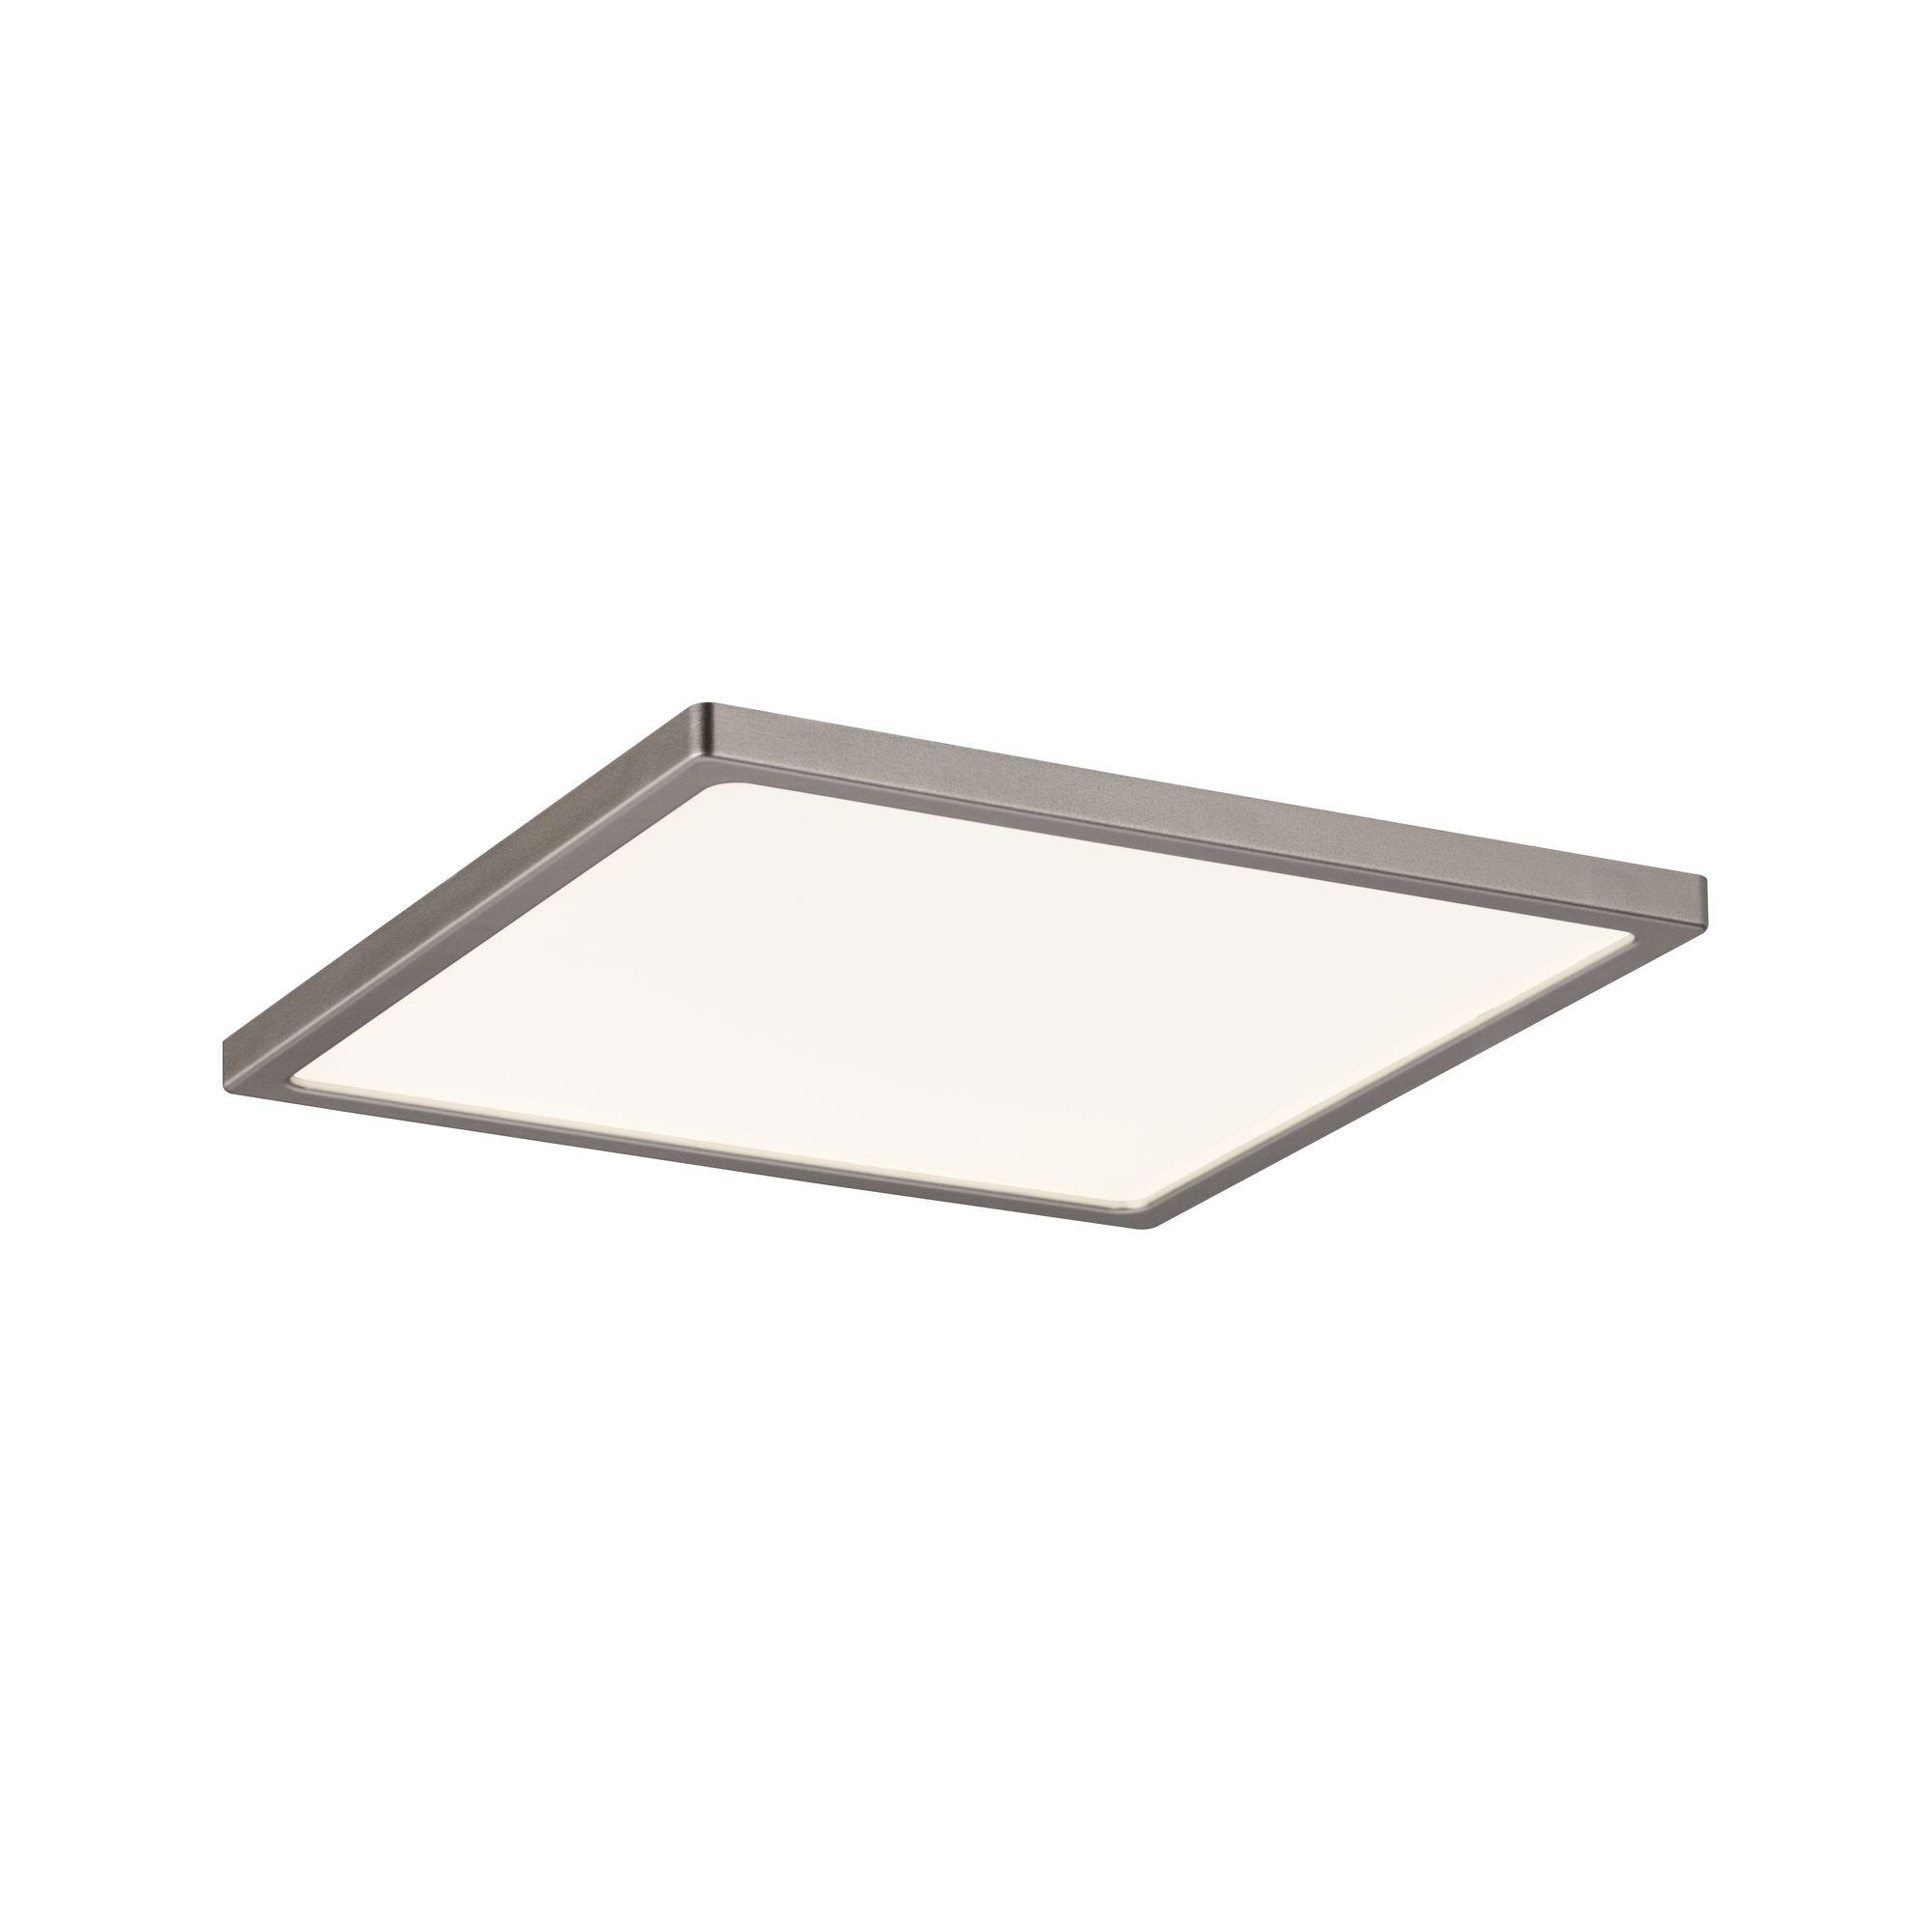 Paulmann,LED Einbaustrahler Panel Areo IP44 eckig dimmbar 180x180mm 12W 3.000K Nickel matt